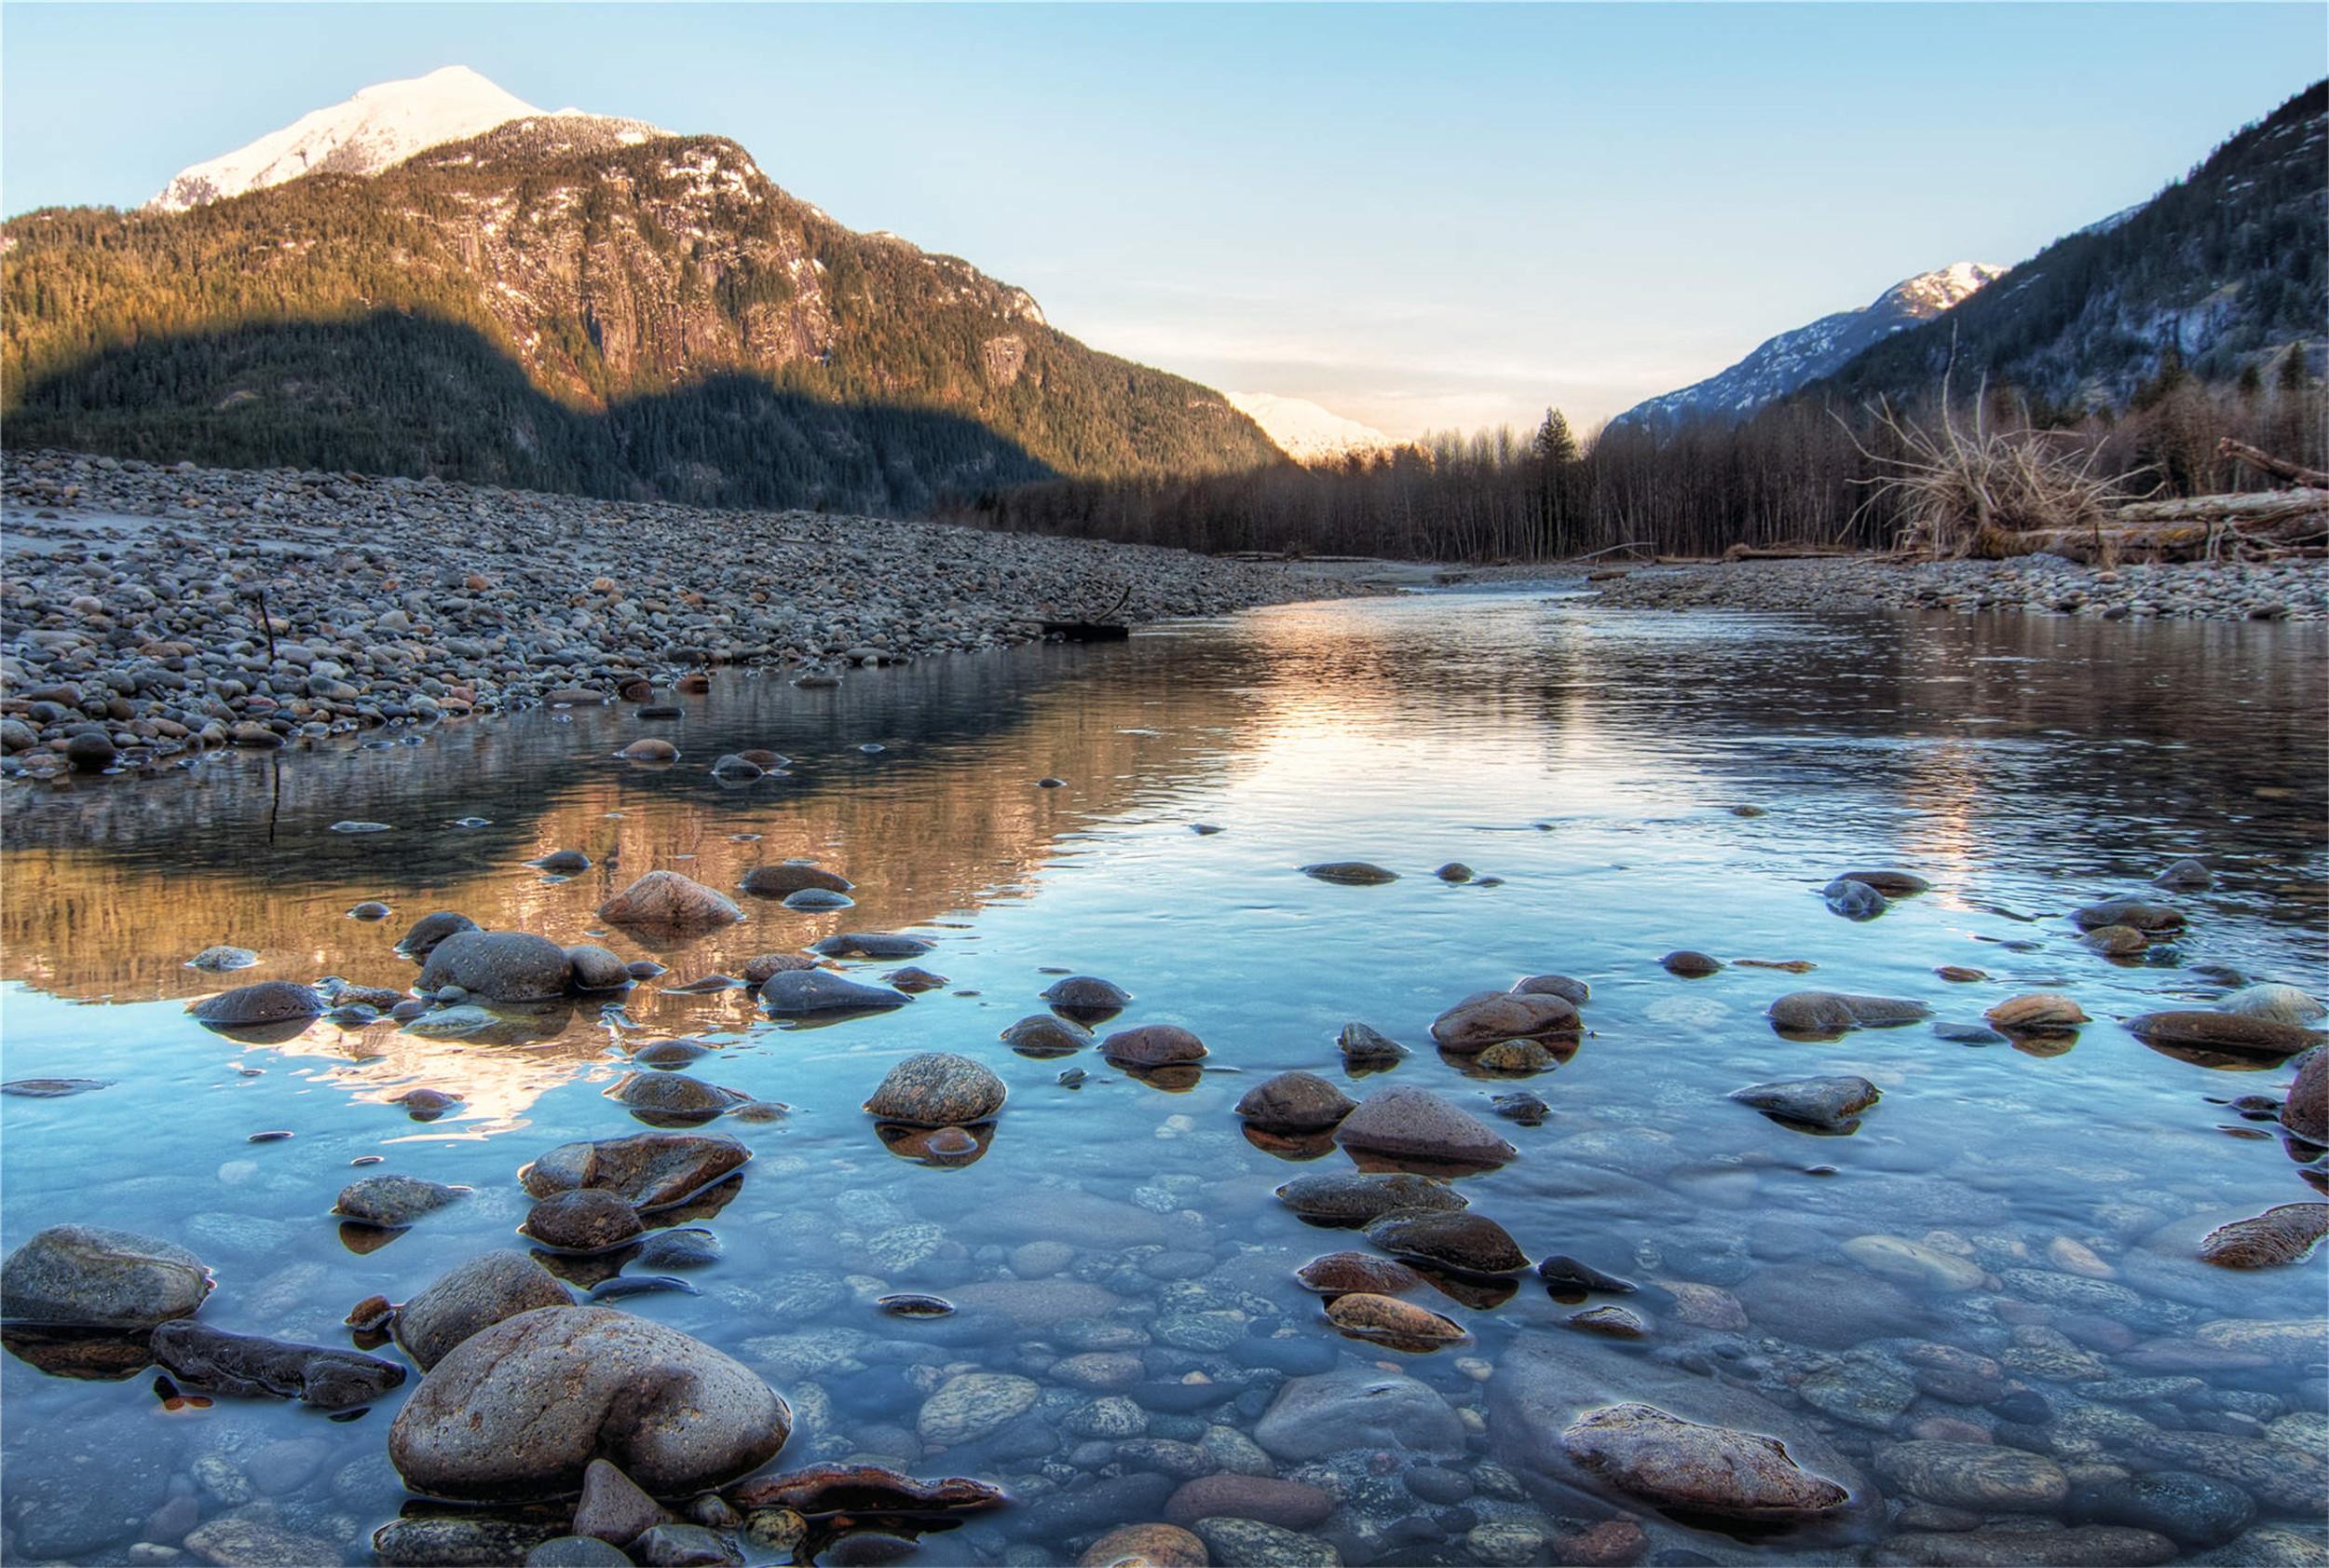 今日介绍六张山川风景图:蓝天白云,看大自然的鬼斧神工